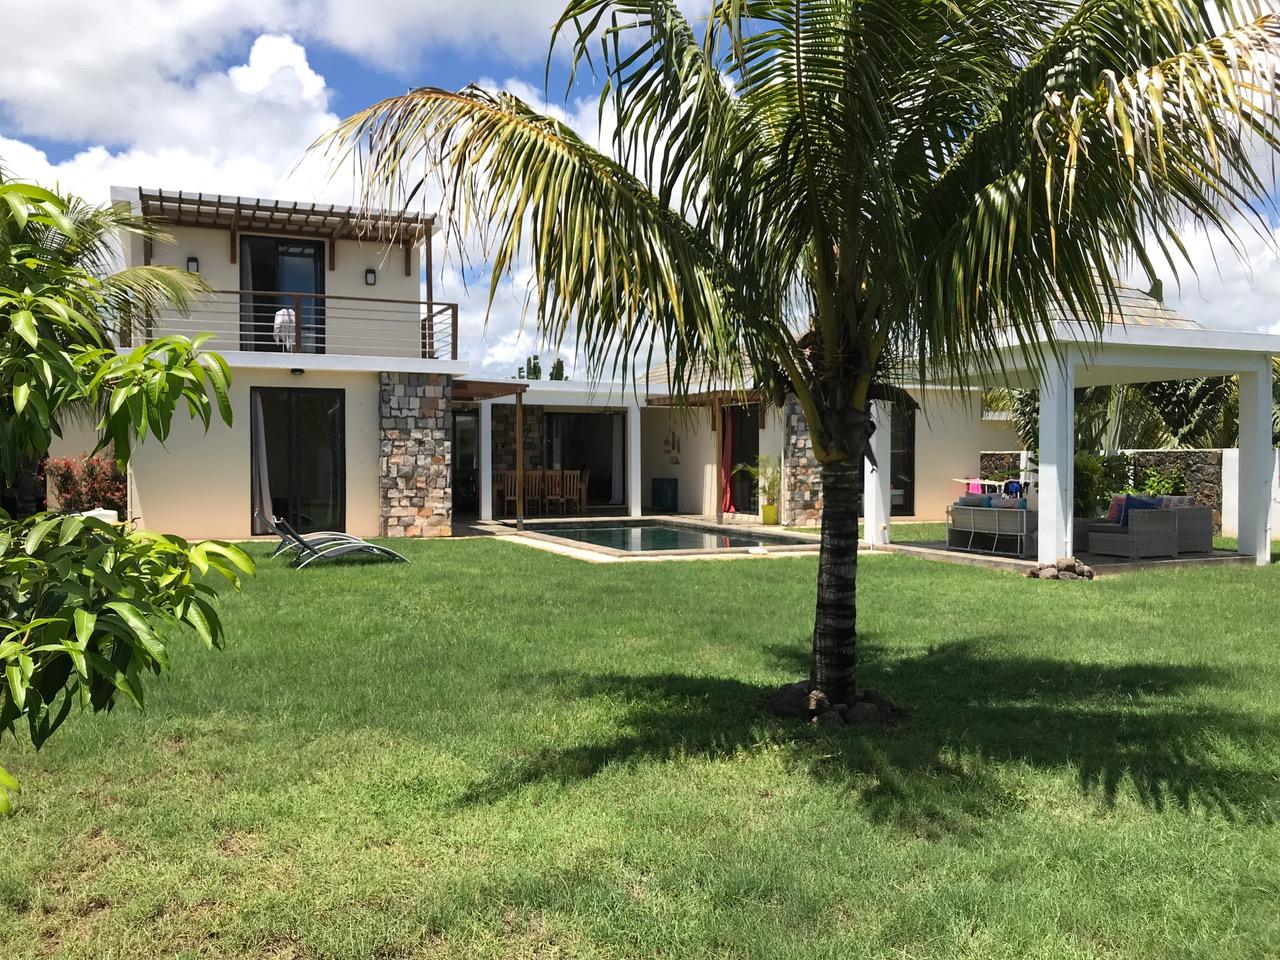 Villa familiale située entre Grand Baie et Cap Malheureux - Île Maurice